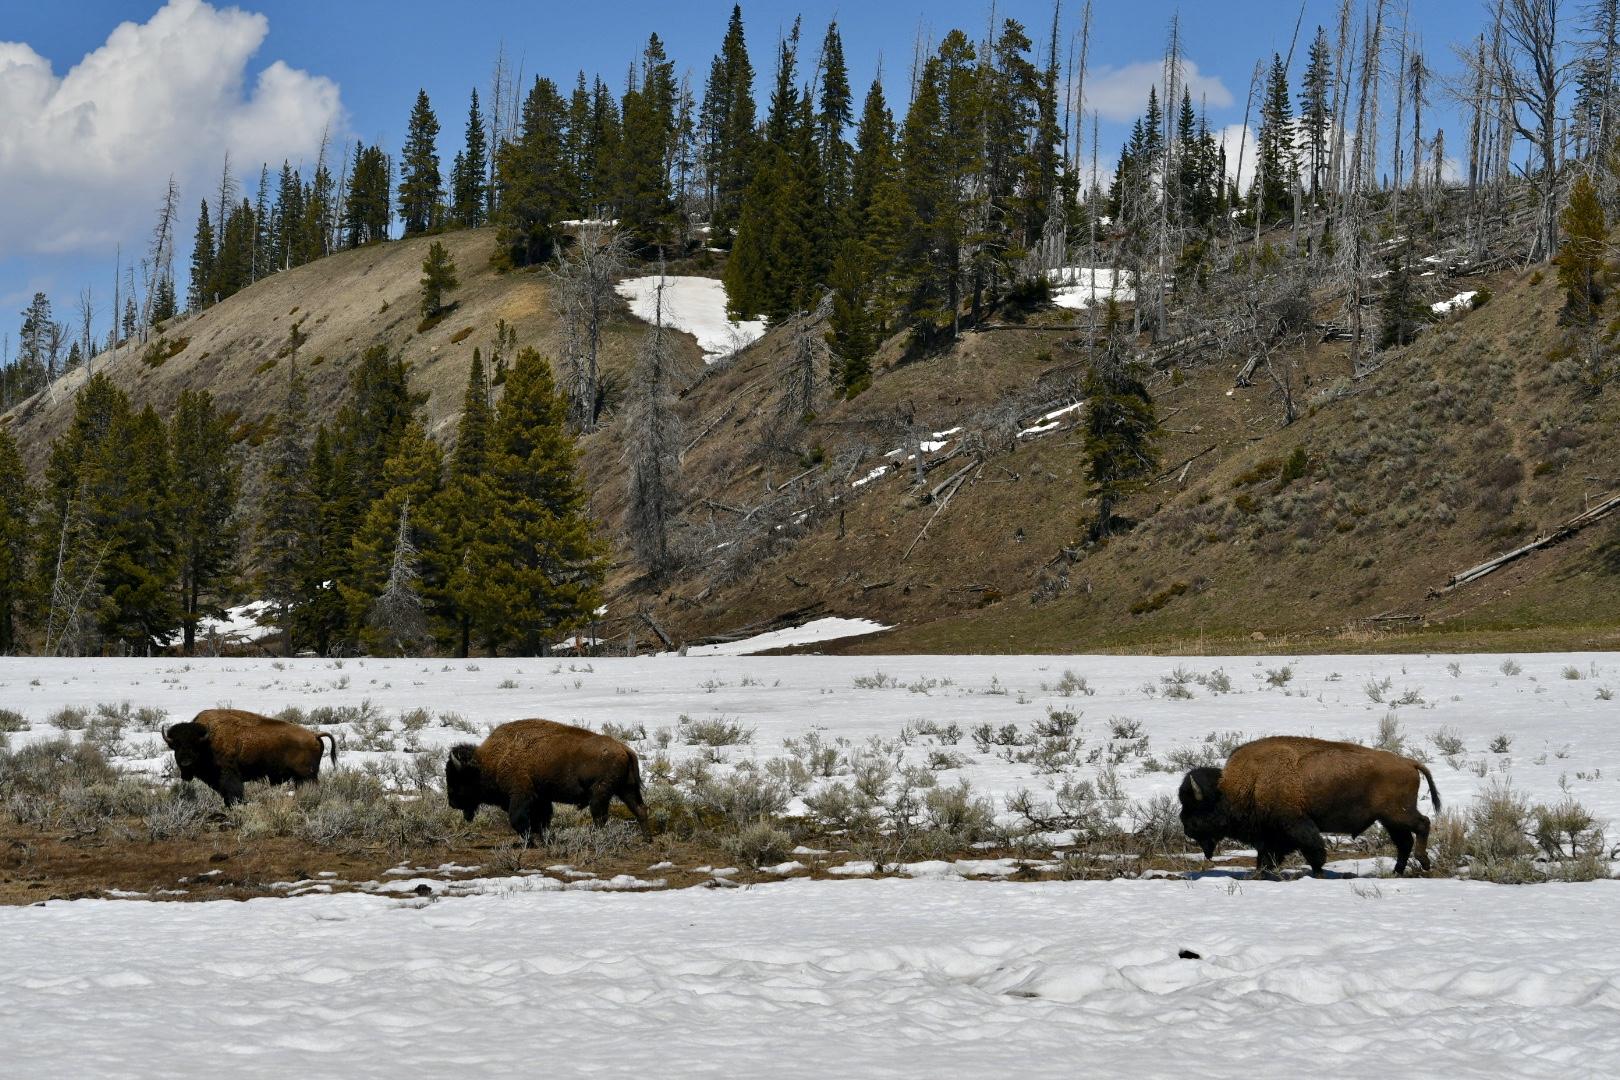 Drei Bisons gehen hintereinander auf teils mit Schnee bedeckter Wiese mit struppigem Gebüsch vor halb bewaldetem Hügel im Yellowstone Nationalpark